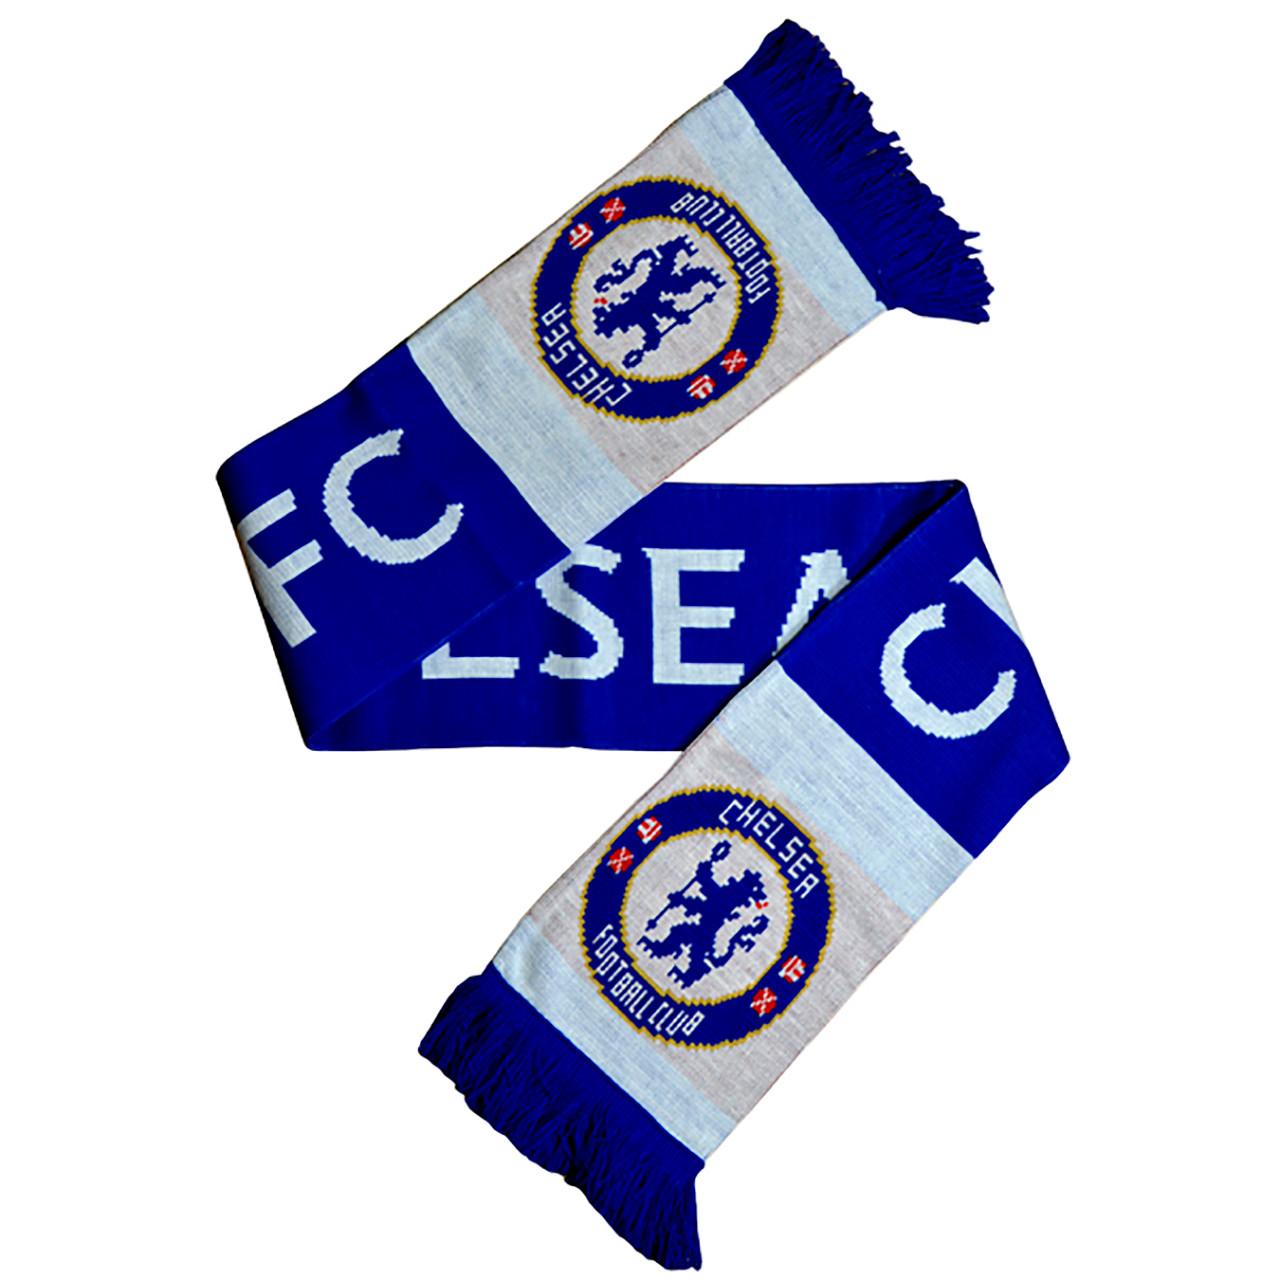 Chelsea Fc Licensed Tipped Wordmark Scarf